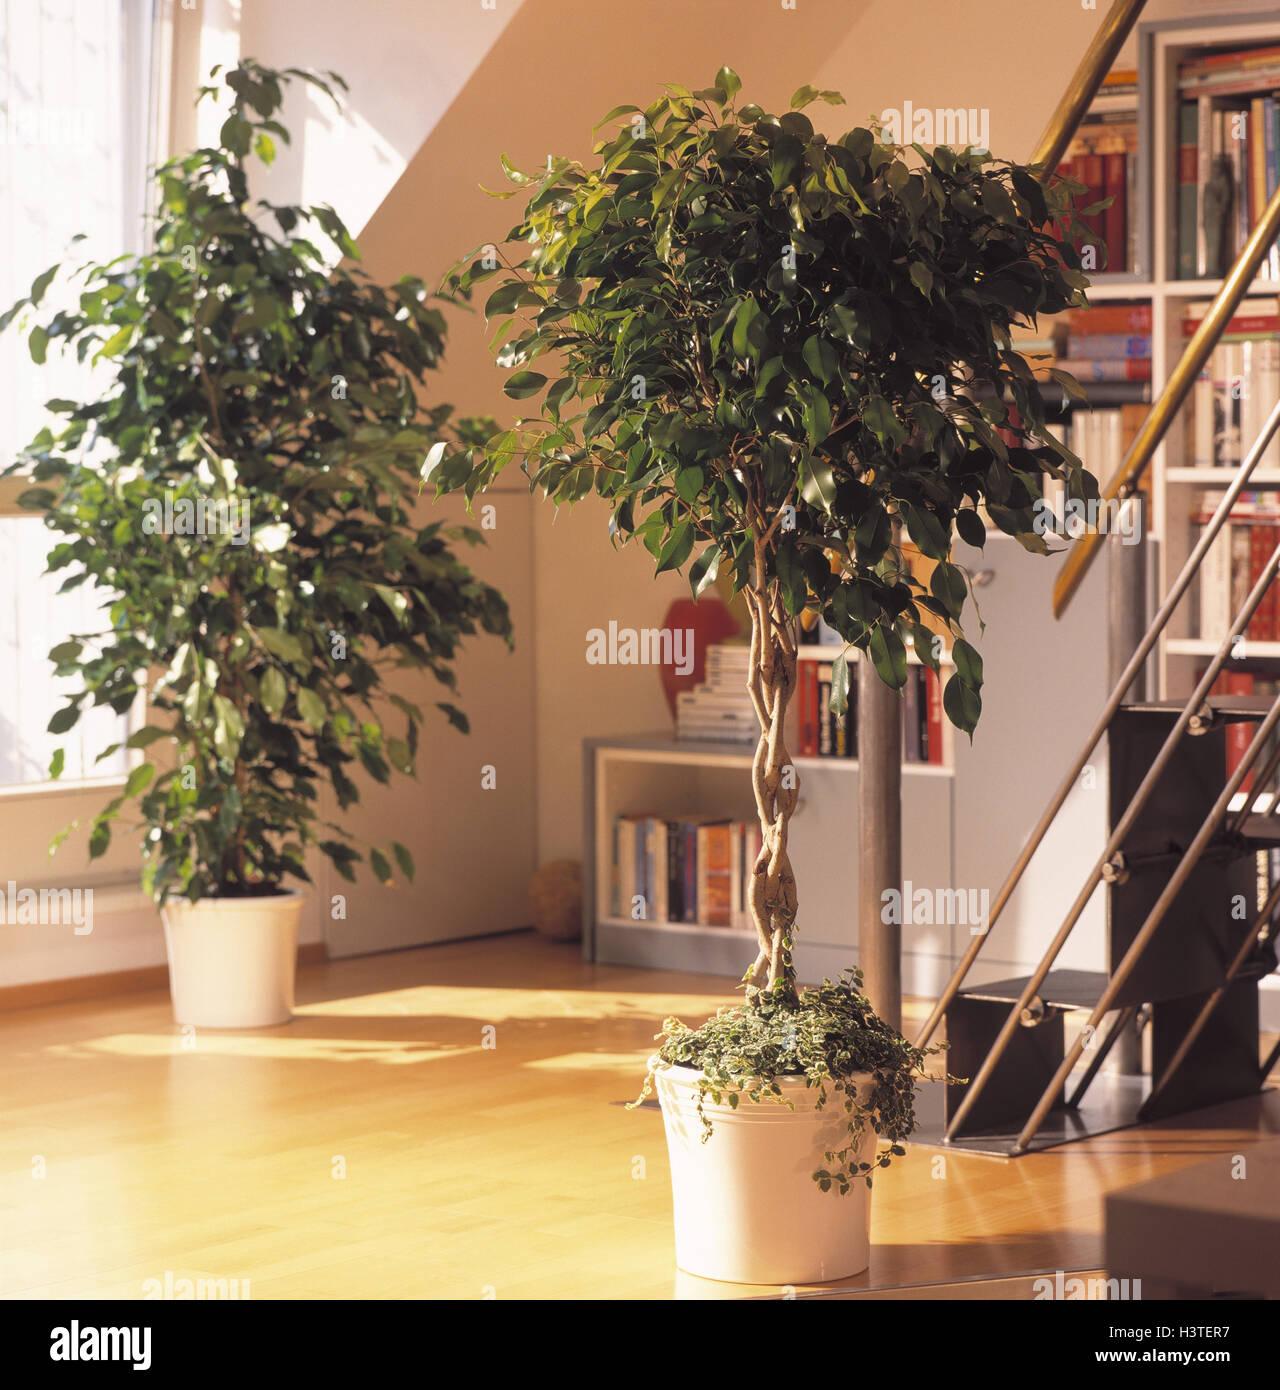 Wohnzimmer Pflanzen | Wohnzimmer Detail Grunpflanzen Birke Feigen Ficus Benjamina